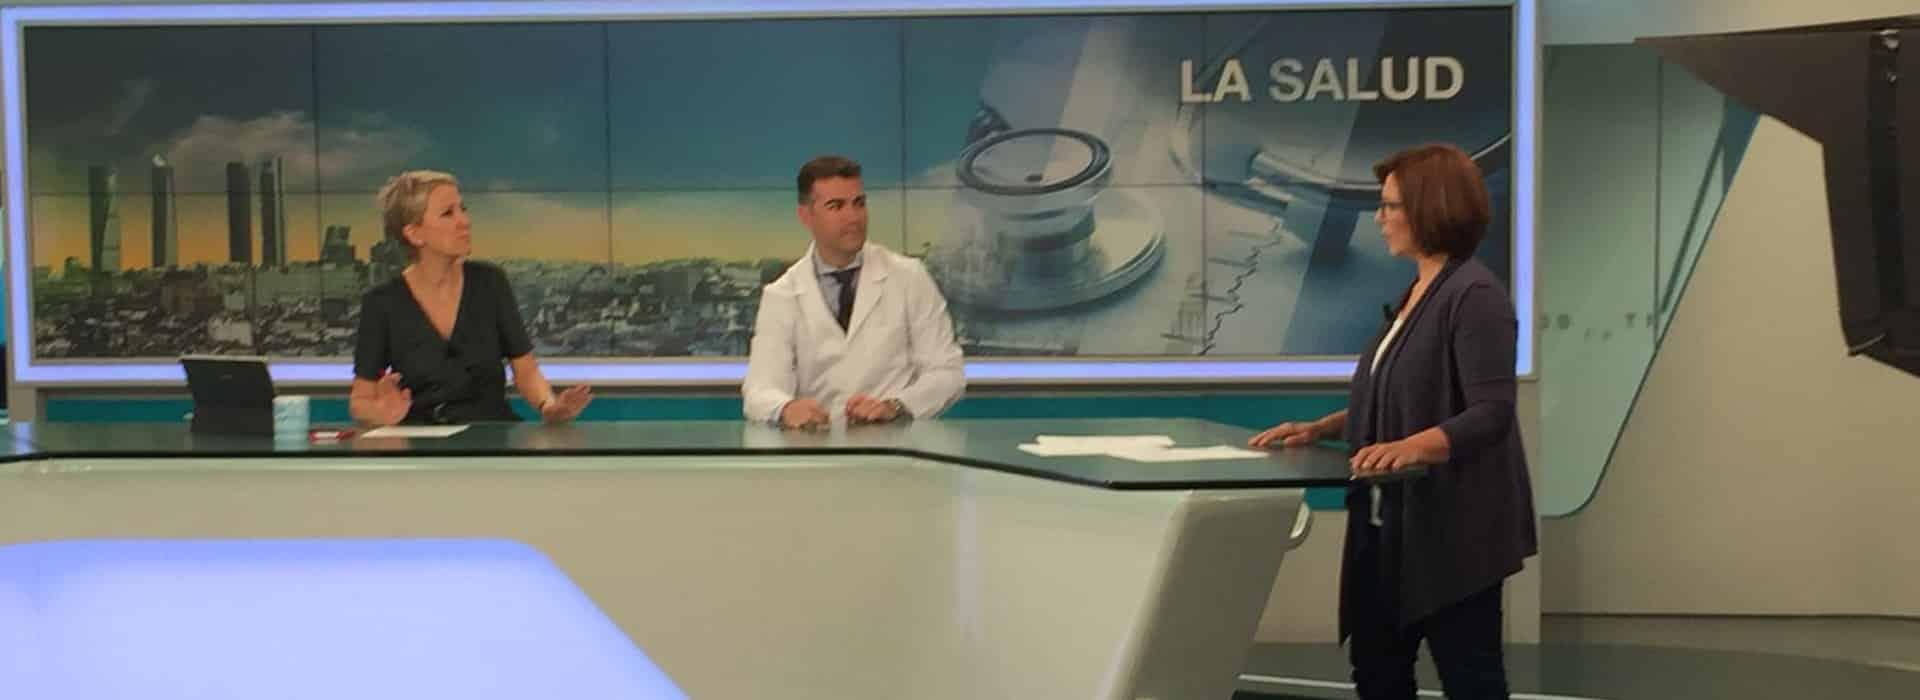 rinoplastia con el dr galindo en Madrid Contigo de Telemadrid